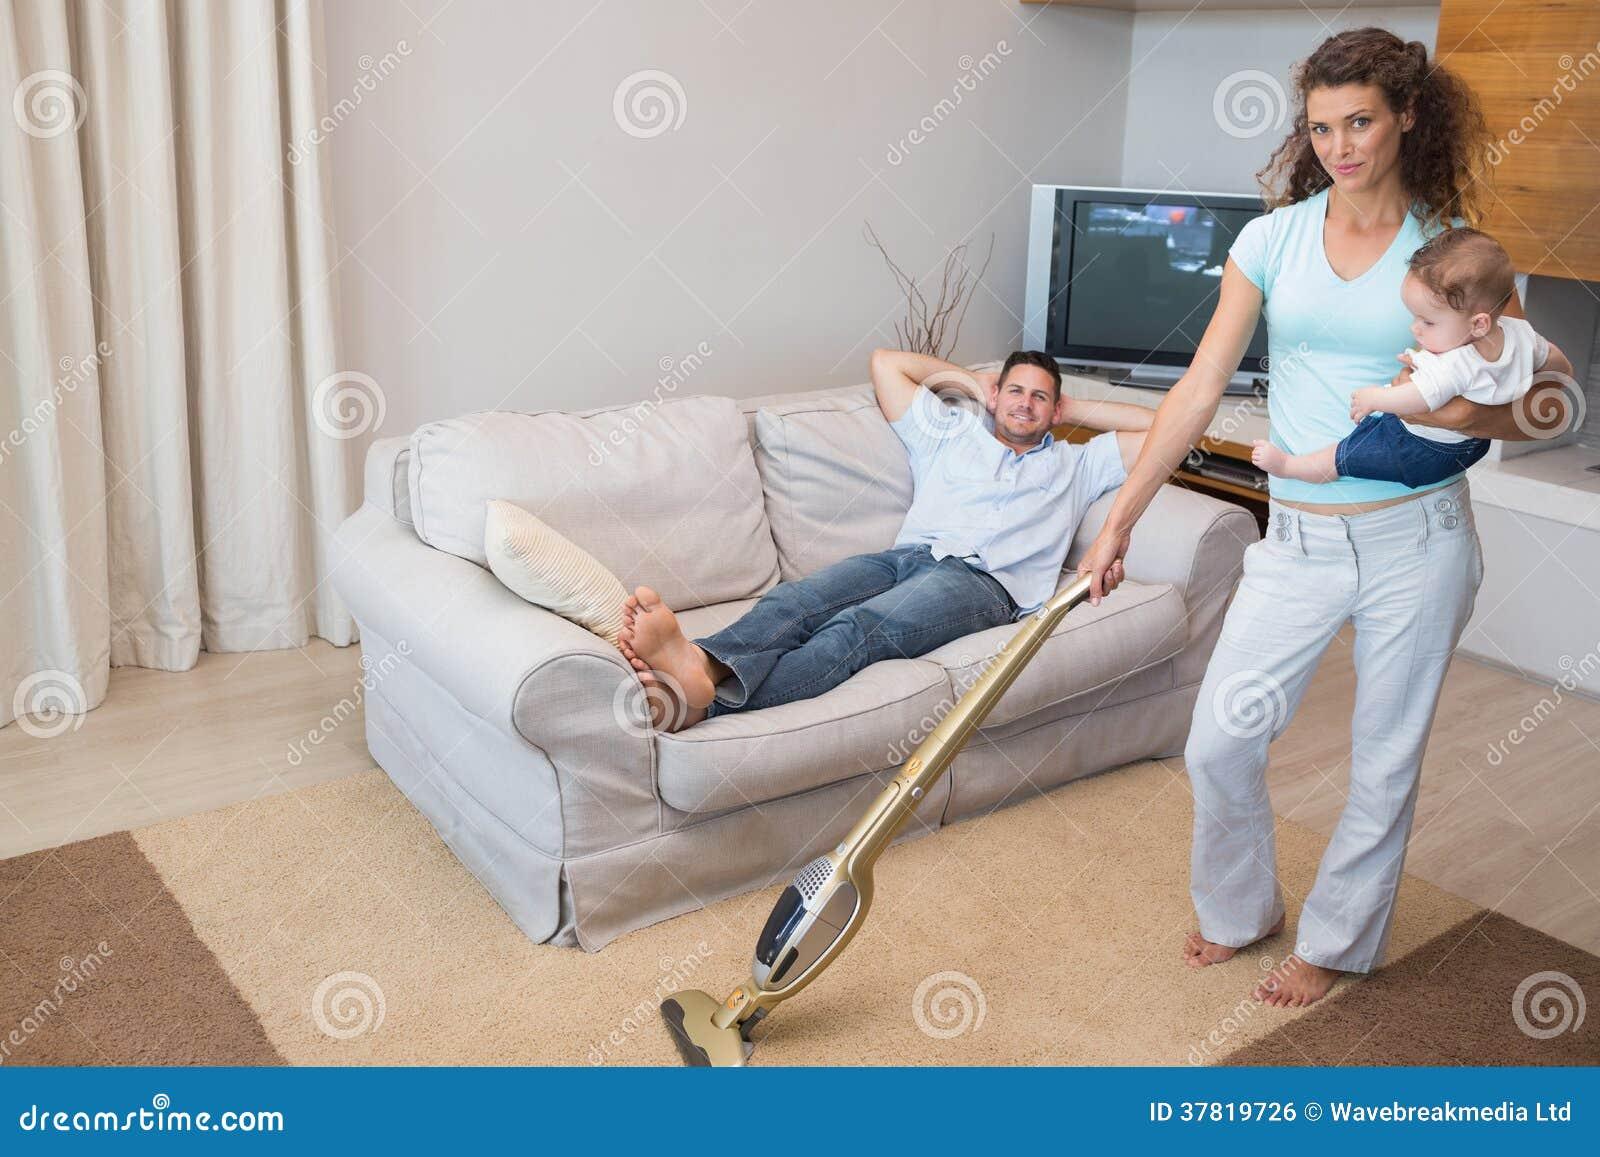 maison de nettoyage de femme tout en portant le b 233 b 233 image libre de droits image 37819726